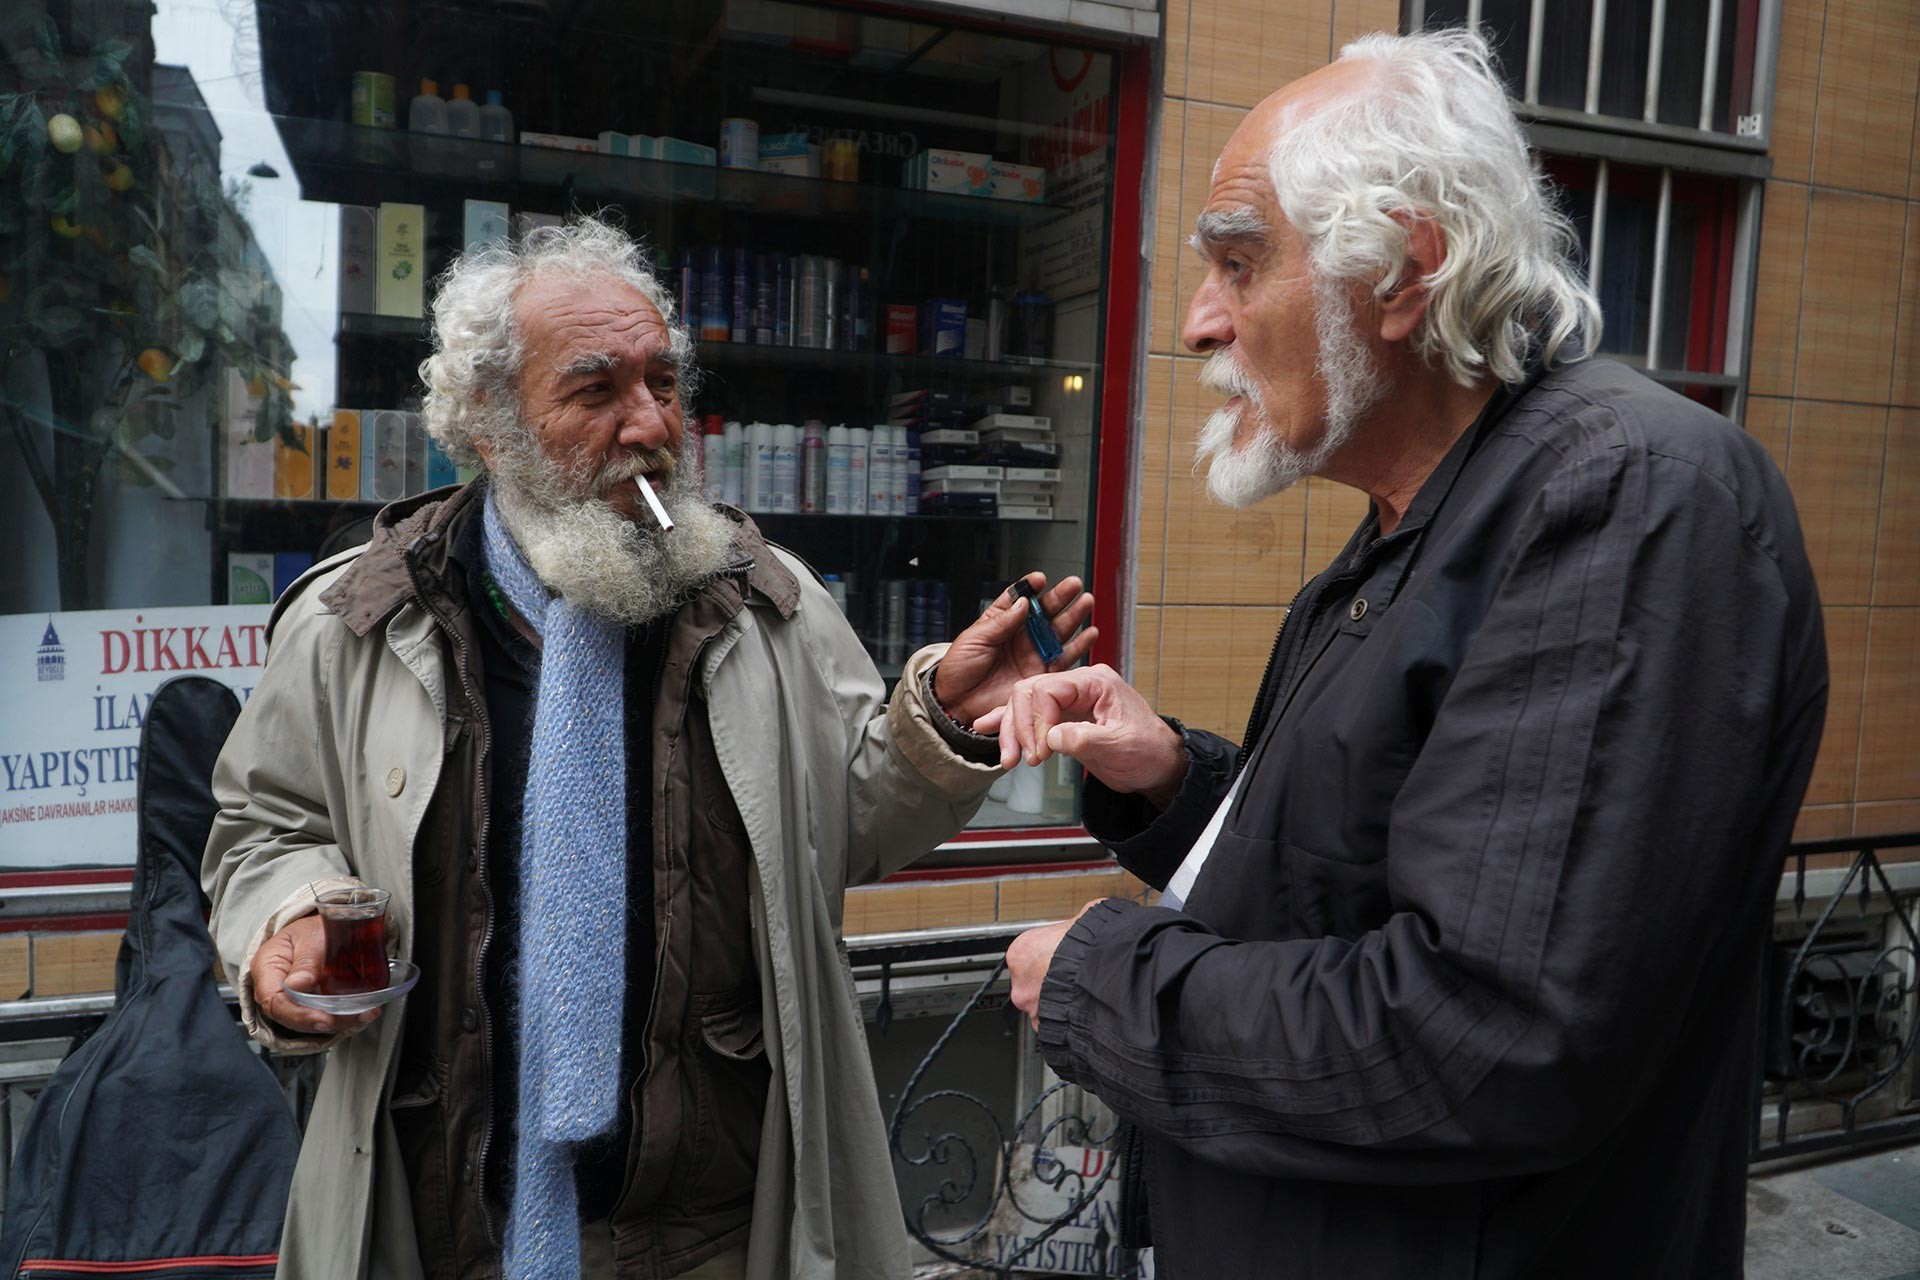 Papaz Kazım ve Erol Erbil